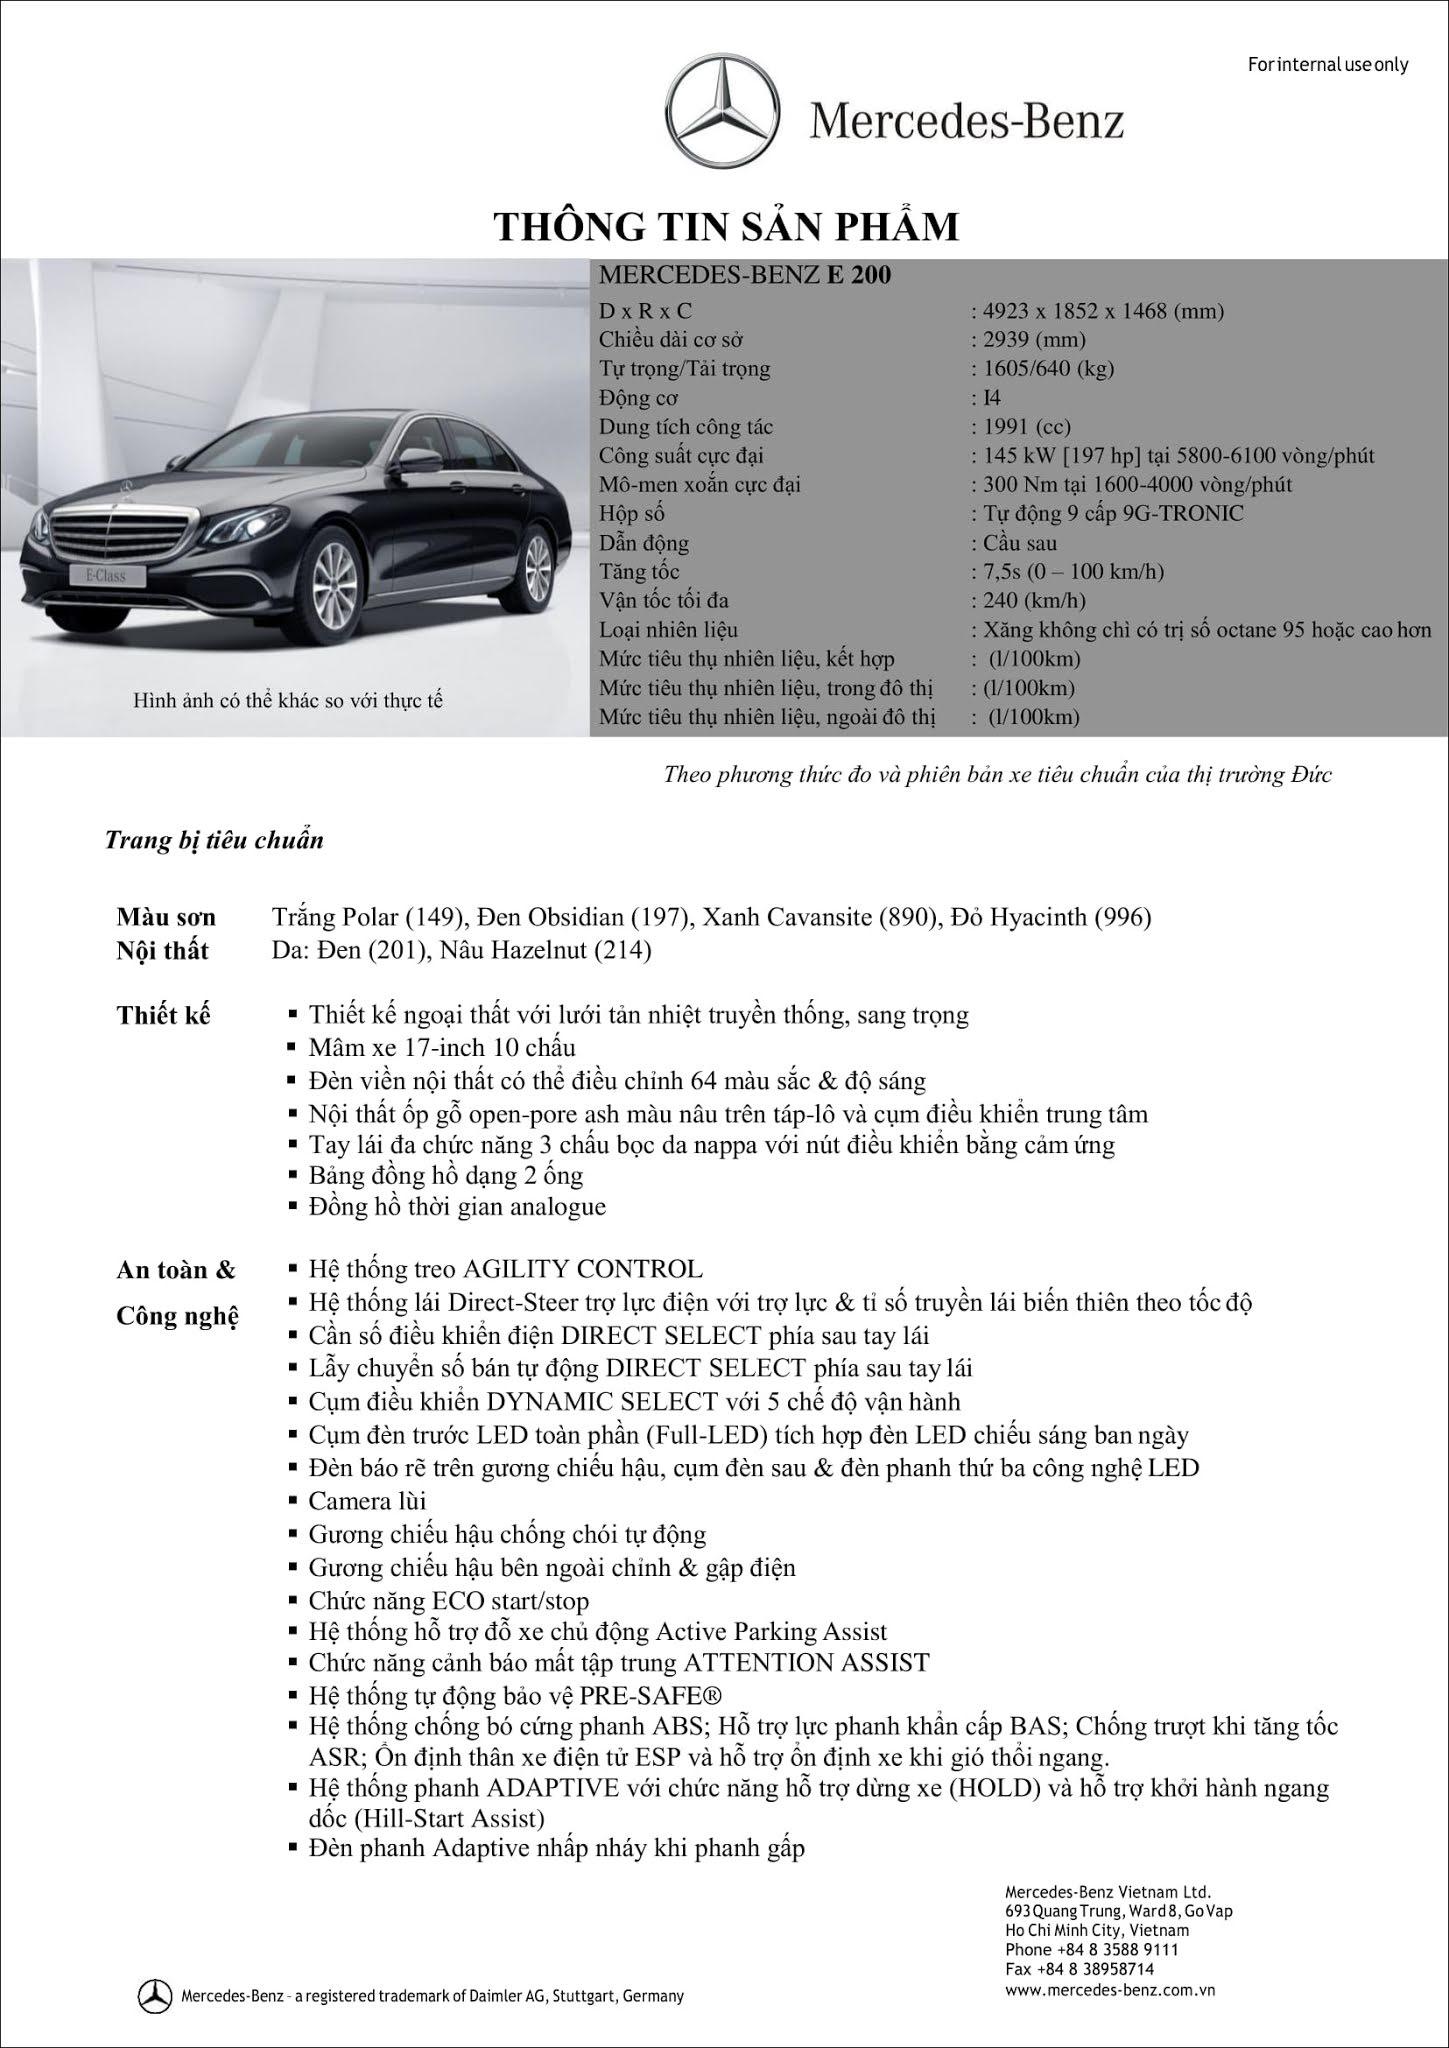 Bảng thông số kỹ thuật Mercedes E200 2019 facelift tại thị trường Việt Nam